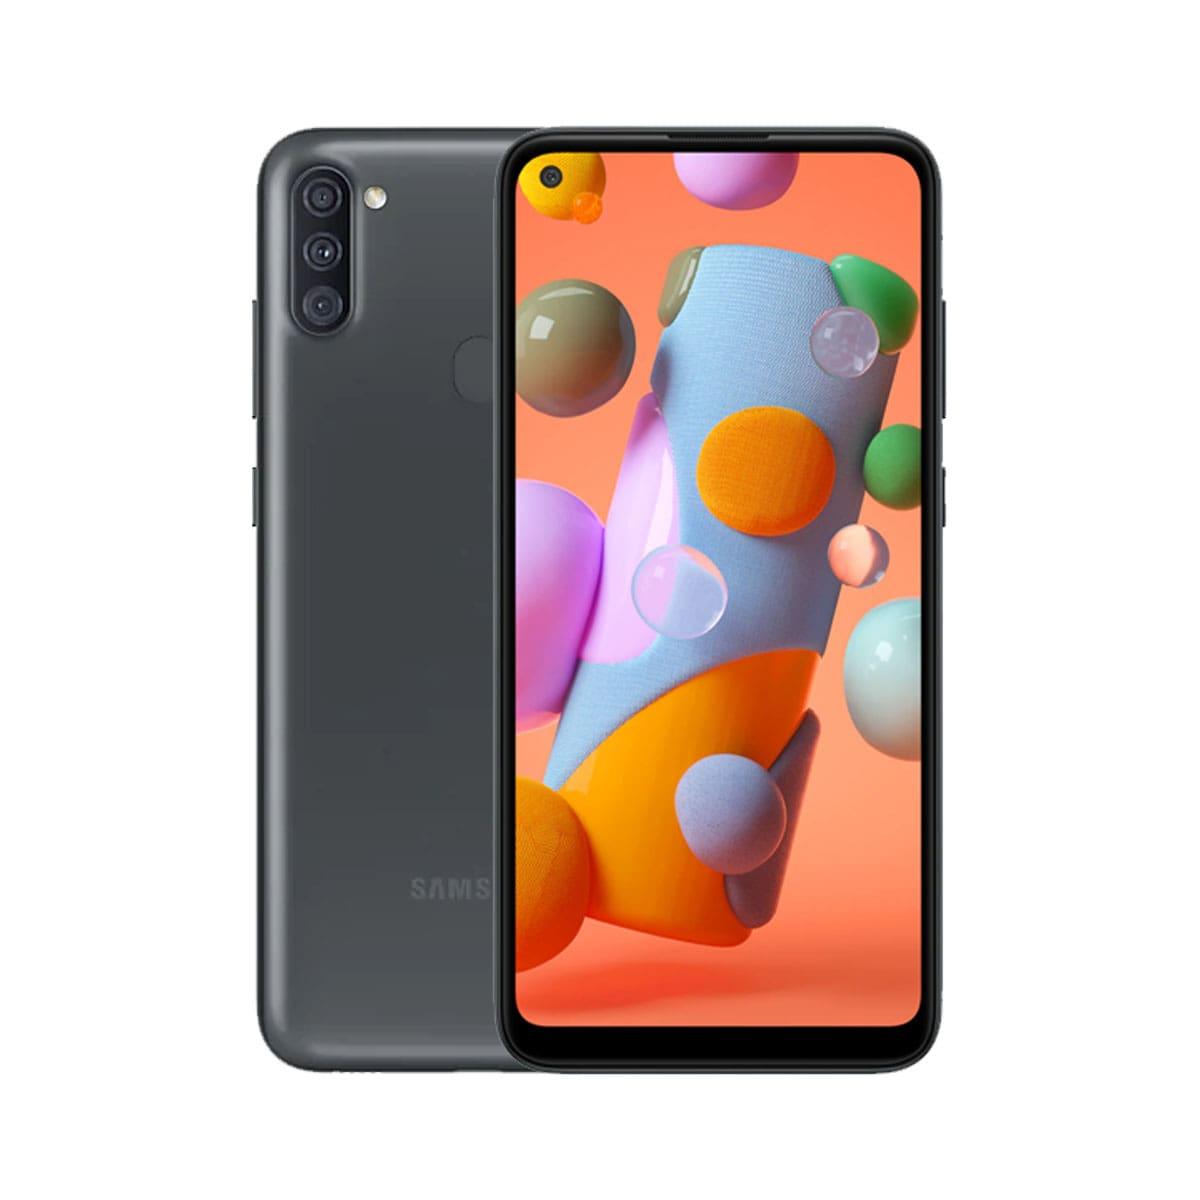 گوشی موبایل سامسونگ مدل Galaxy A11 SM-A115F/DS دو سیم کارت ظرفیت ۳۲ گیگابایت با ۳ گیگابایت رم